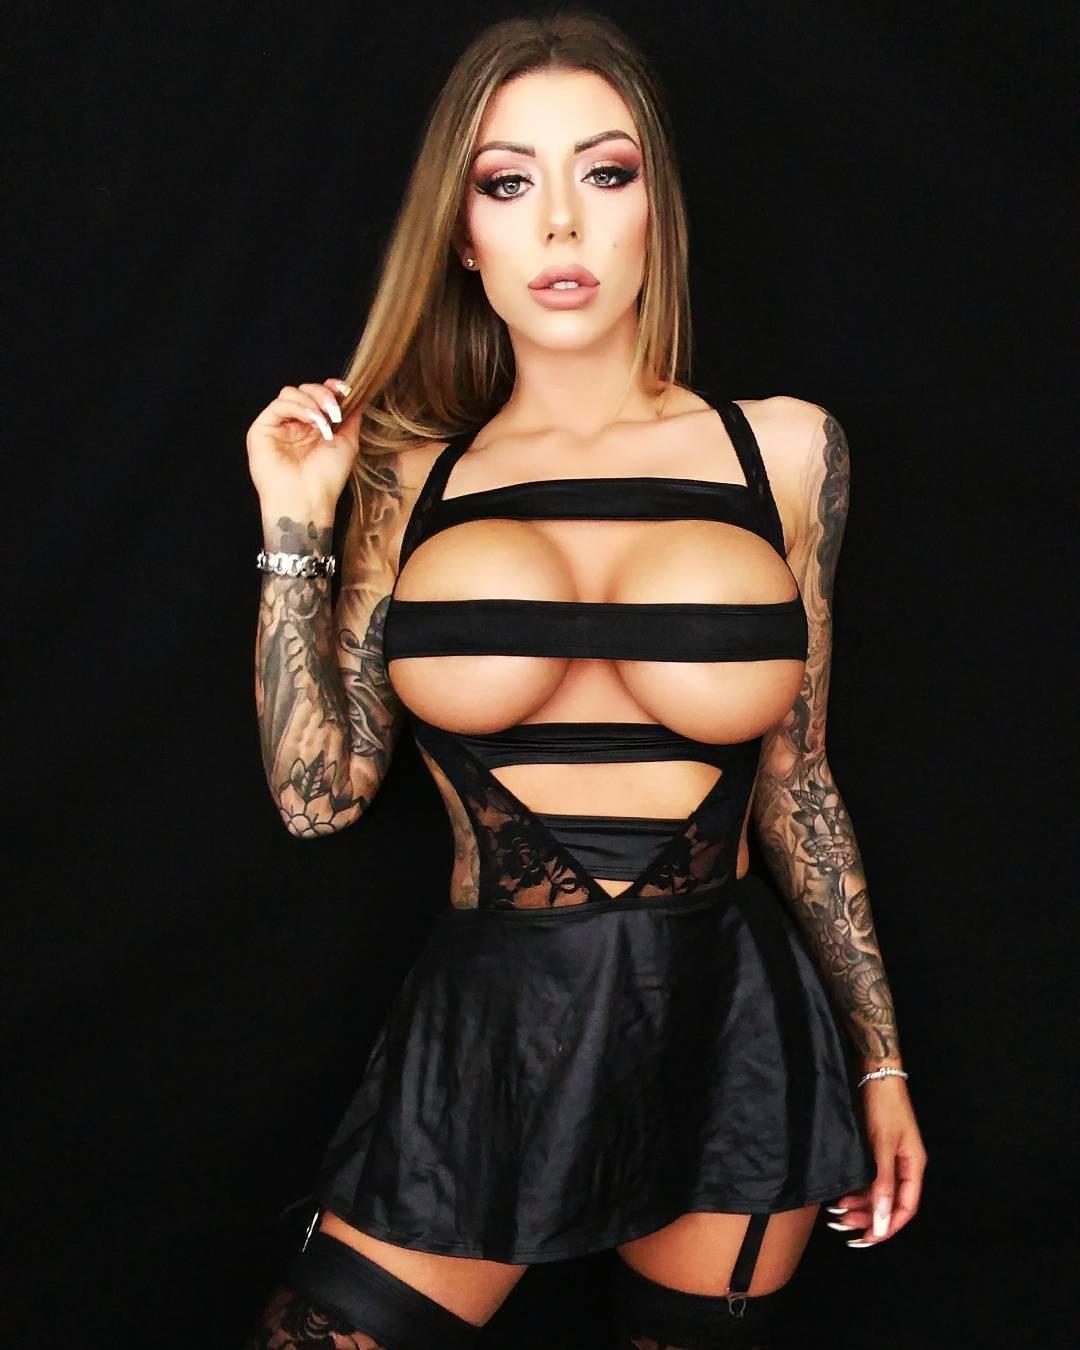 Sideboobs Karma Rx naked (94 photo), Pussy, Paparazzi, Boobs, butt 2019